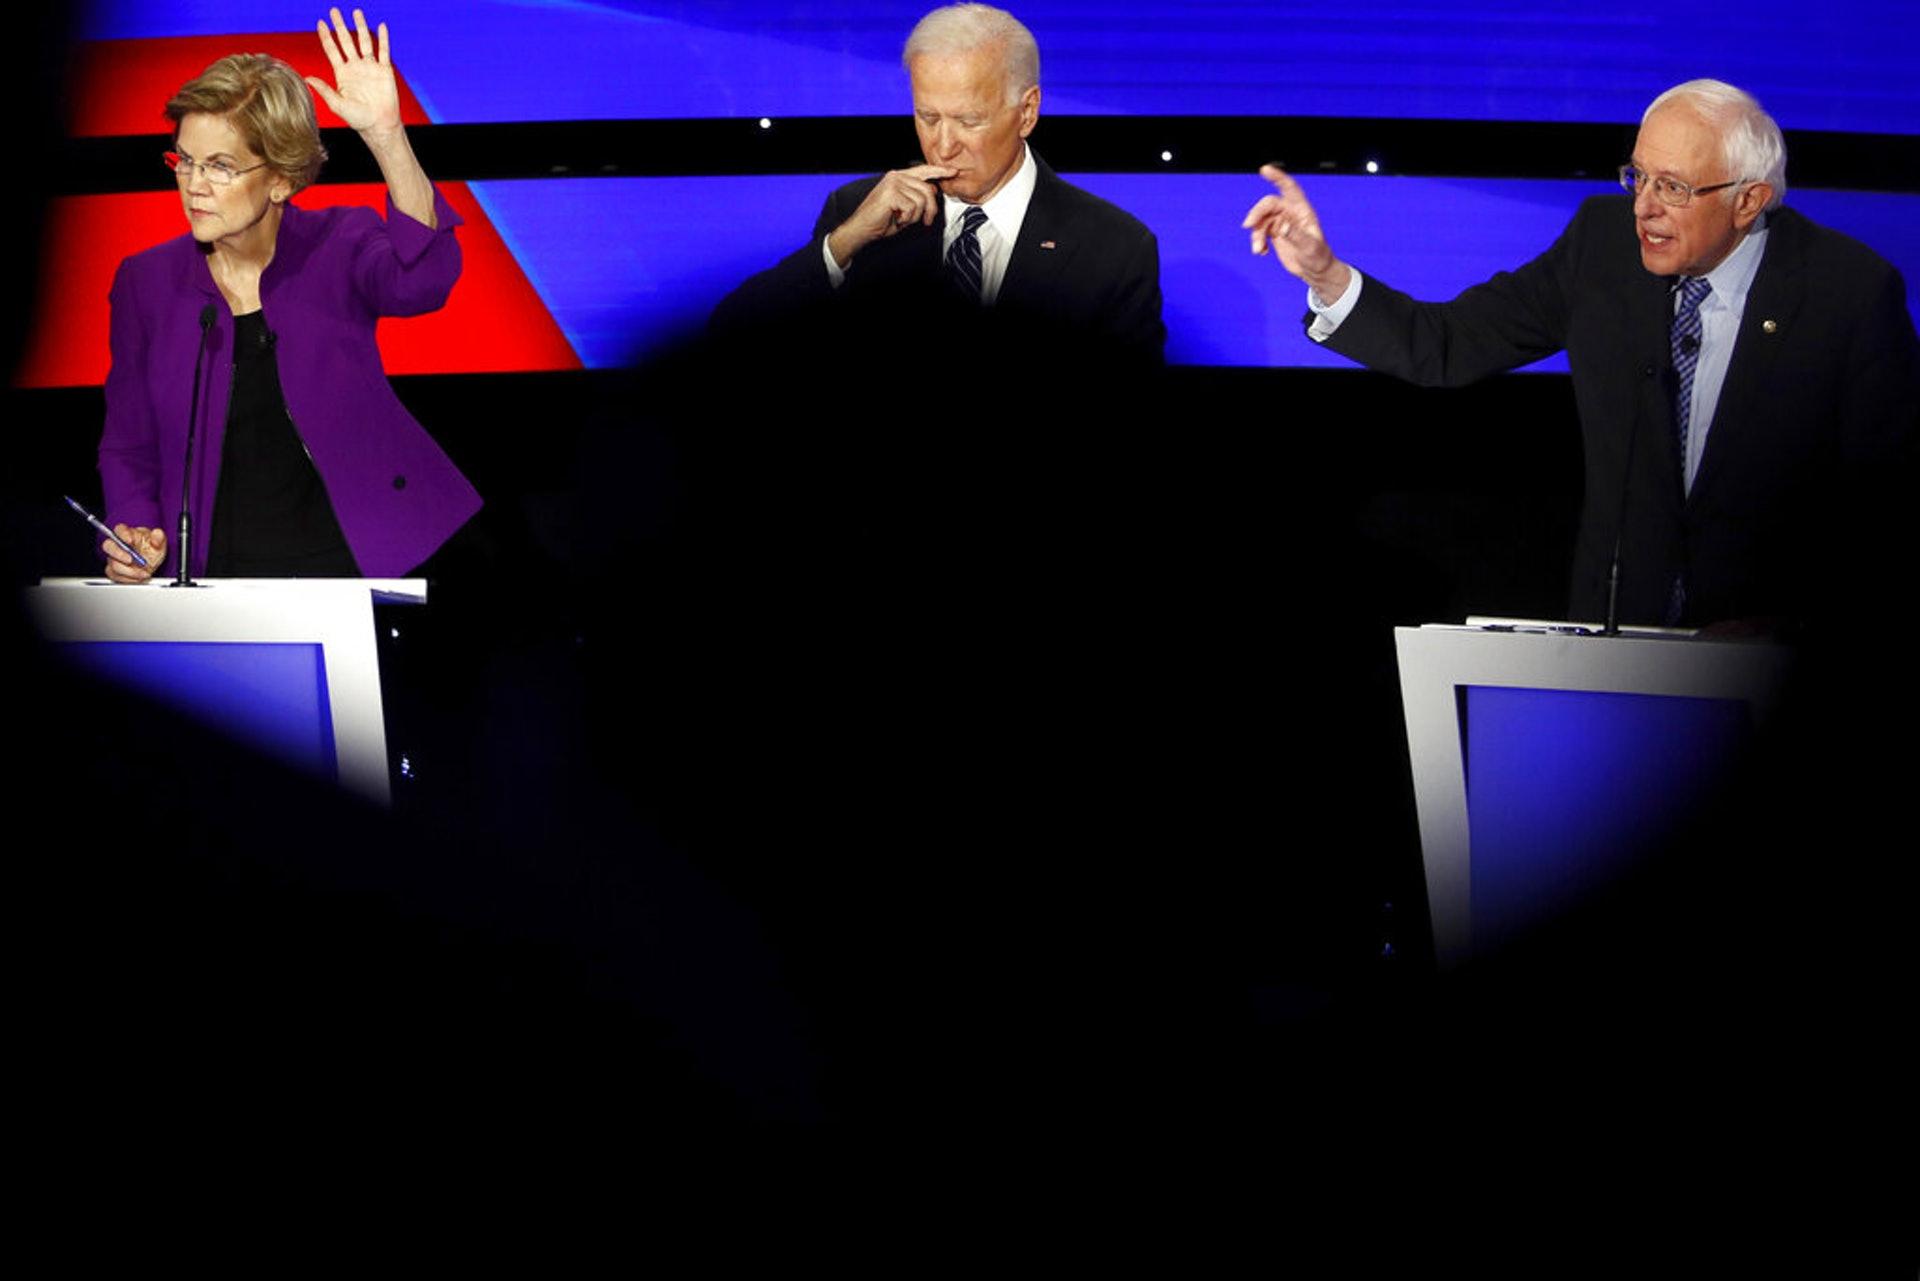 拜登內閣人選2:沃倫何以可能是拜登內閣財政部長的選擇之一?沃倫除了是議員,亦是財務專家,她在初選時說出的、涉及美國人財政的計劃,比其他候選人都詳細。圖為麻省參議院沃倫(左一)1月14日民主黨初選進行期間,與對手桑德斯(右一)一同舉手準備回答問題。(AP)